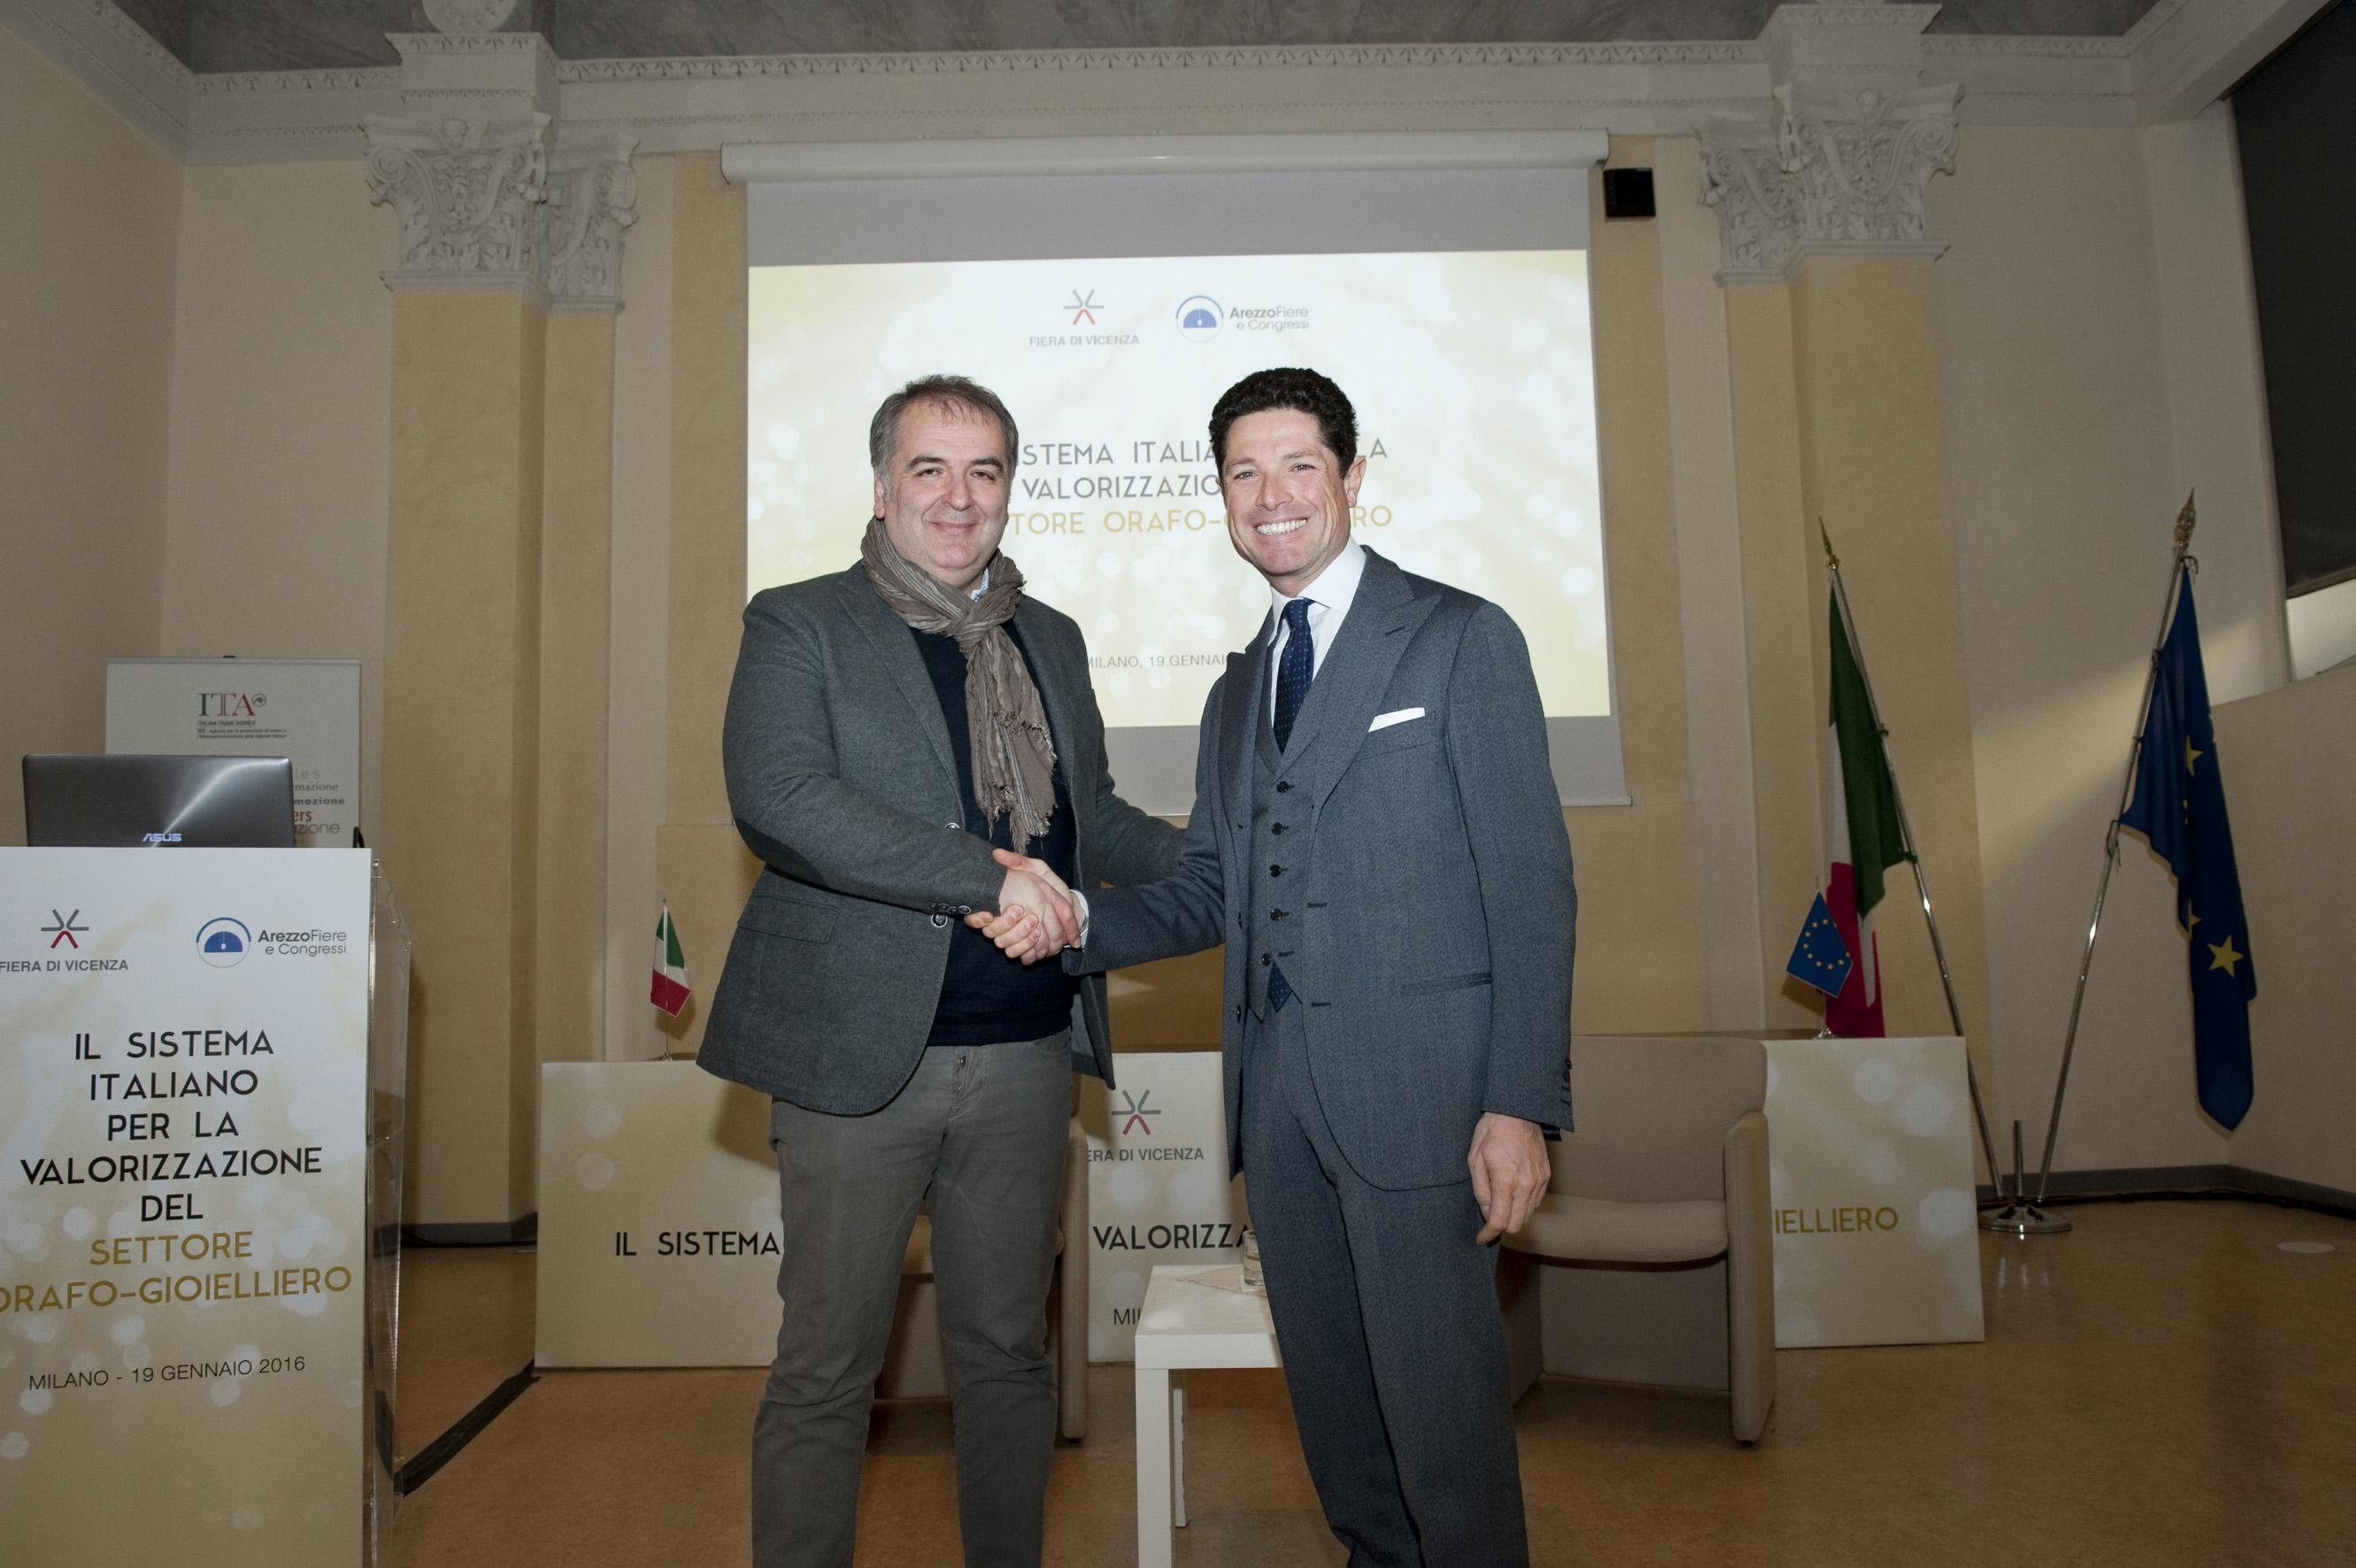 Da sinistra il Presidente di Arezzo Fiere e Congressi Andrea Boldi e il Presidente di Fiera di Vicenza Matteo Marzotto. Credits foto: Roberto Caccuri/Contrasto